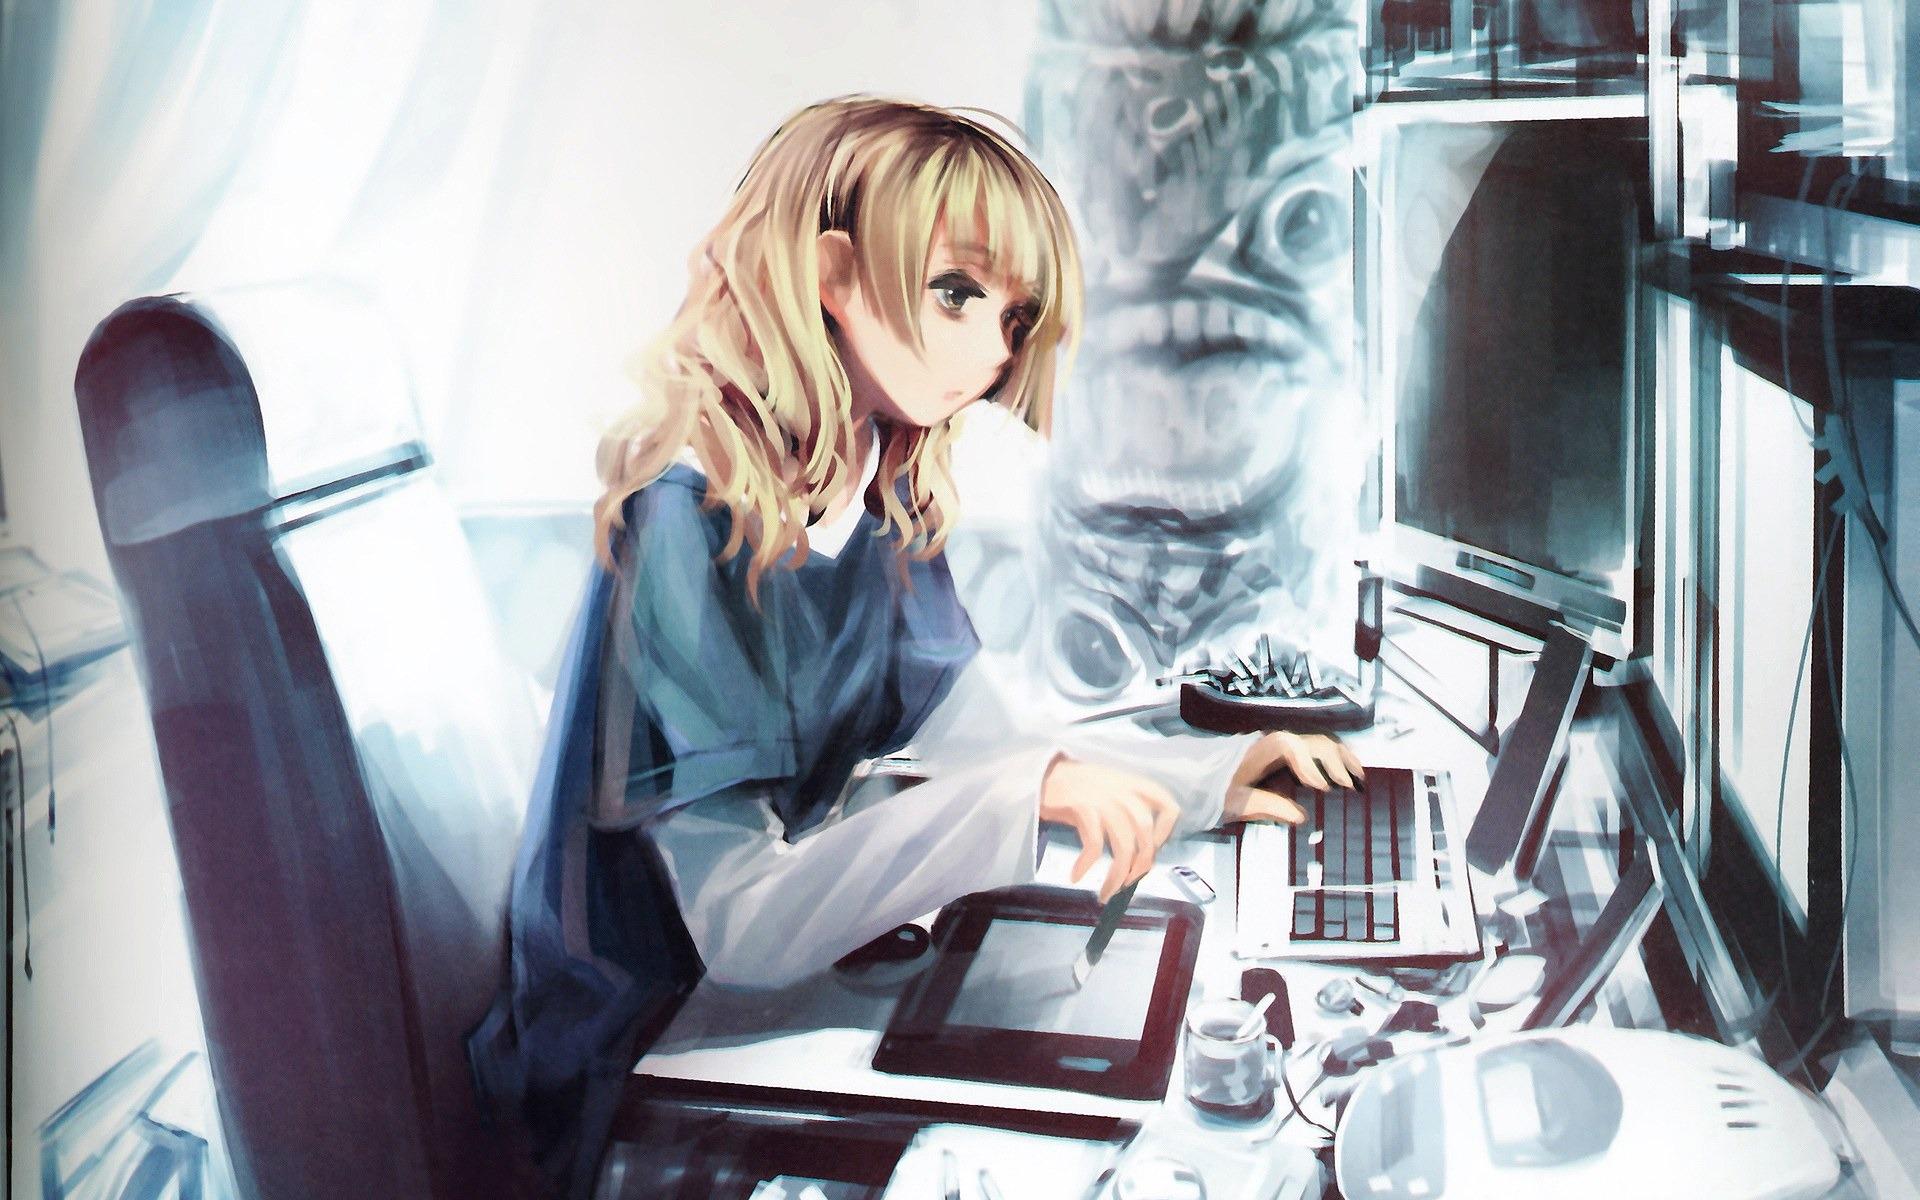 アニメの女の子hd壁紙 19 19x10 壁紙ダウンロード アニメの女の子hd壁紙 アニメーション 壁紙 V3の壁紙